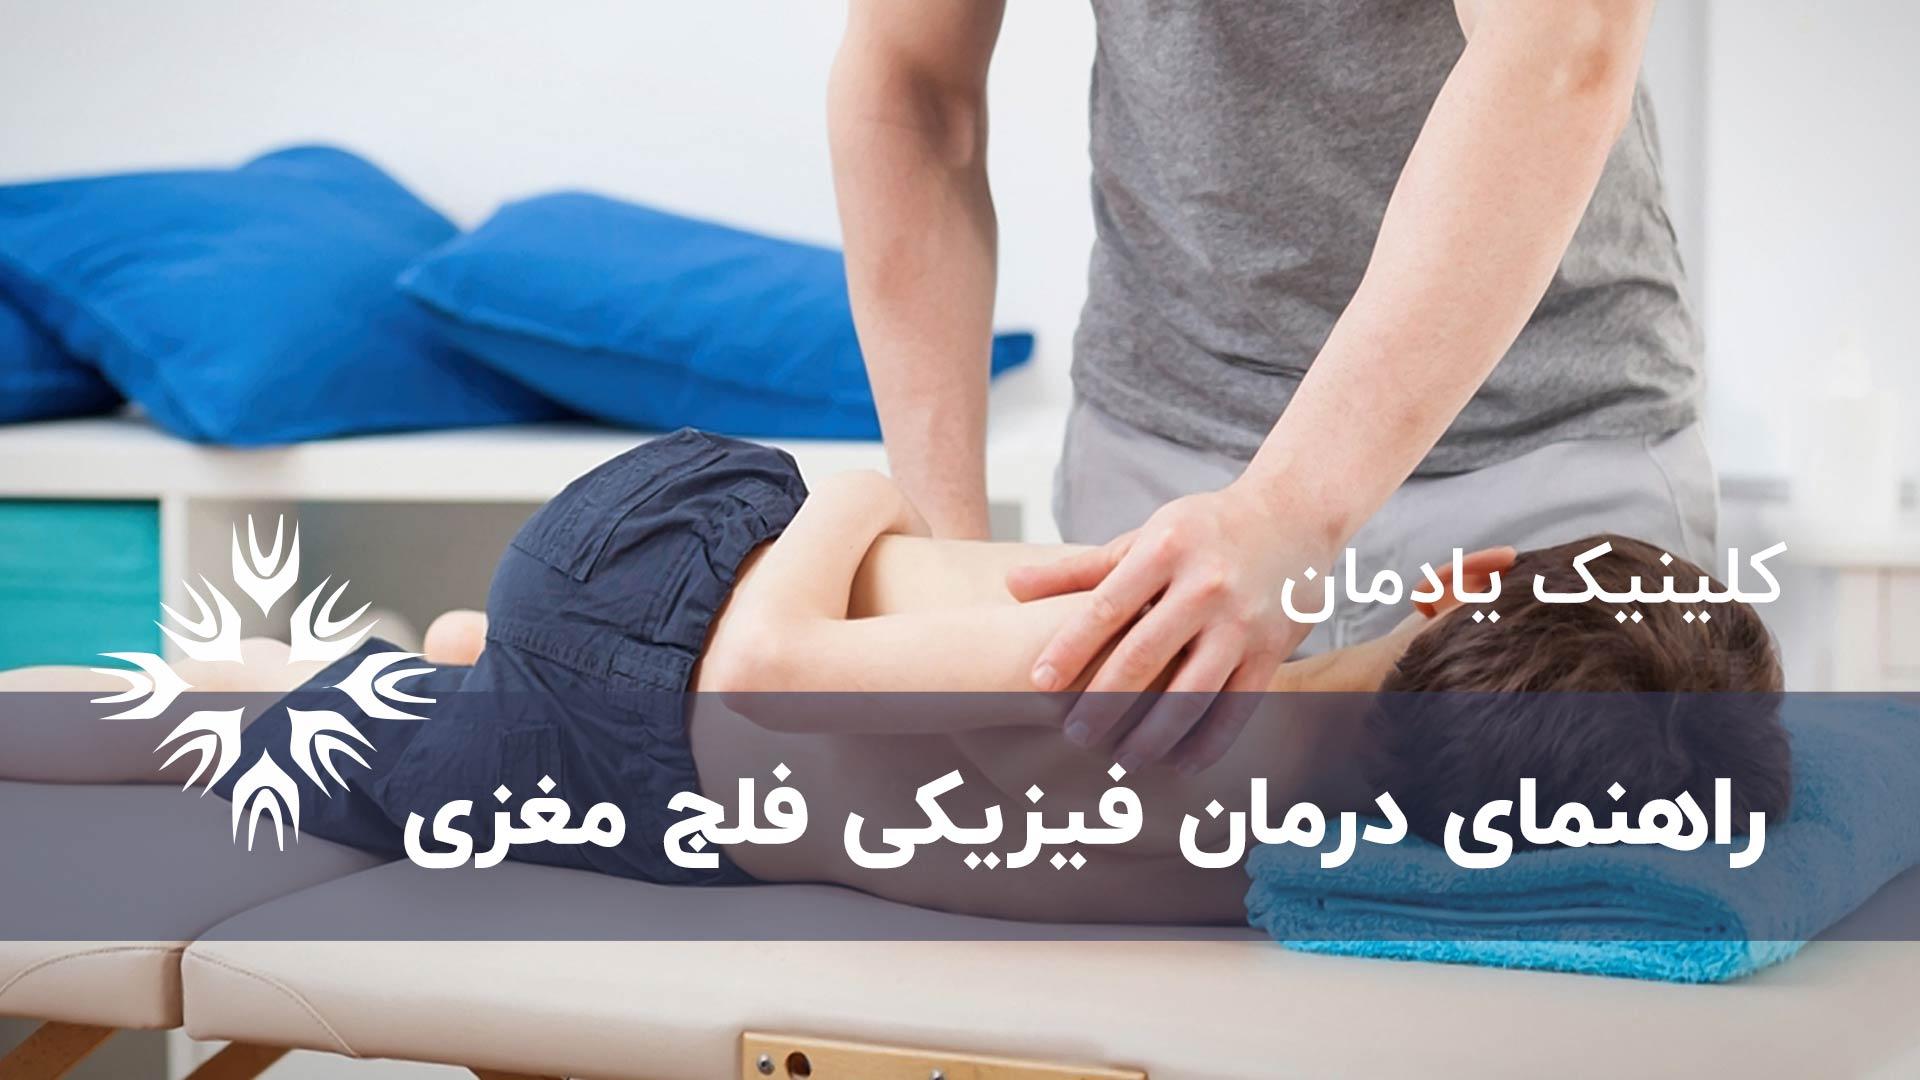 راهنمای درمان فیزیکی فلج مغزی